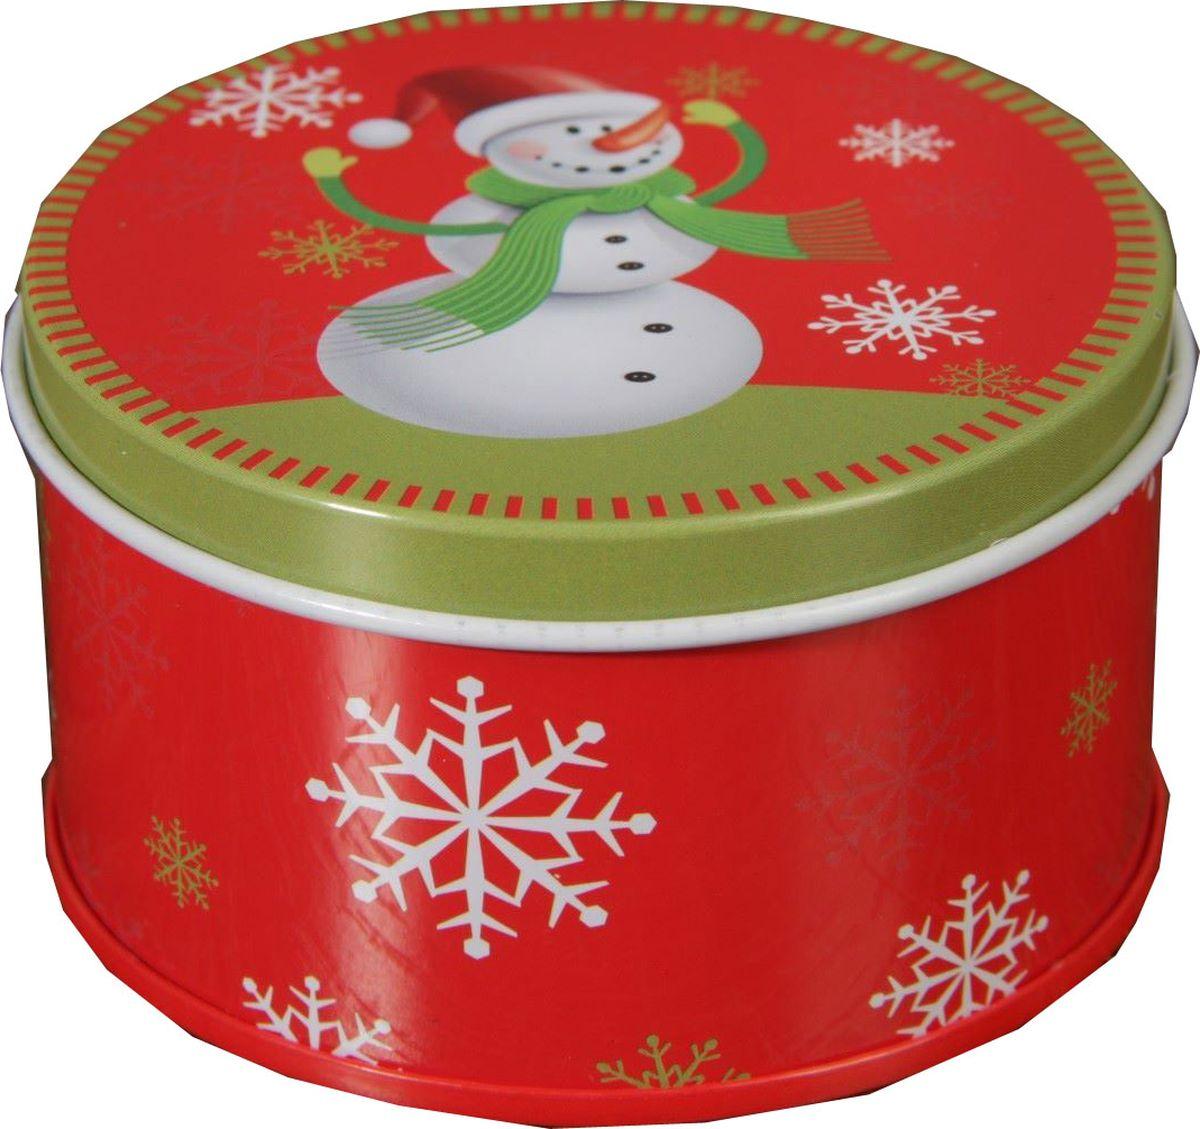 Шкатулка Sima-land Снеговик в зеленом шарфике, цвет: красный, 8 х 8 х 4,5 см2266168Шкатулка — это небольшой сувенир, а также оригинальная упаковка подарка. Она дополнит интерьер спальни, гостиной или прихожей. Изделие предназначено для хранения украшений: колец, браслетов, часов, цепочек, колье, сережек и прочих предметов.